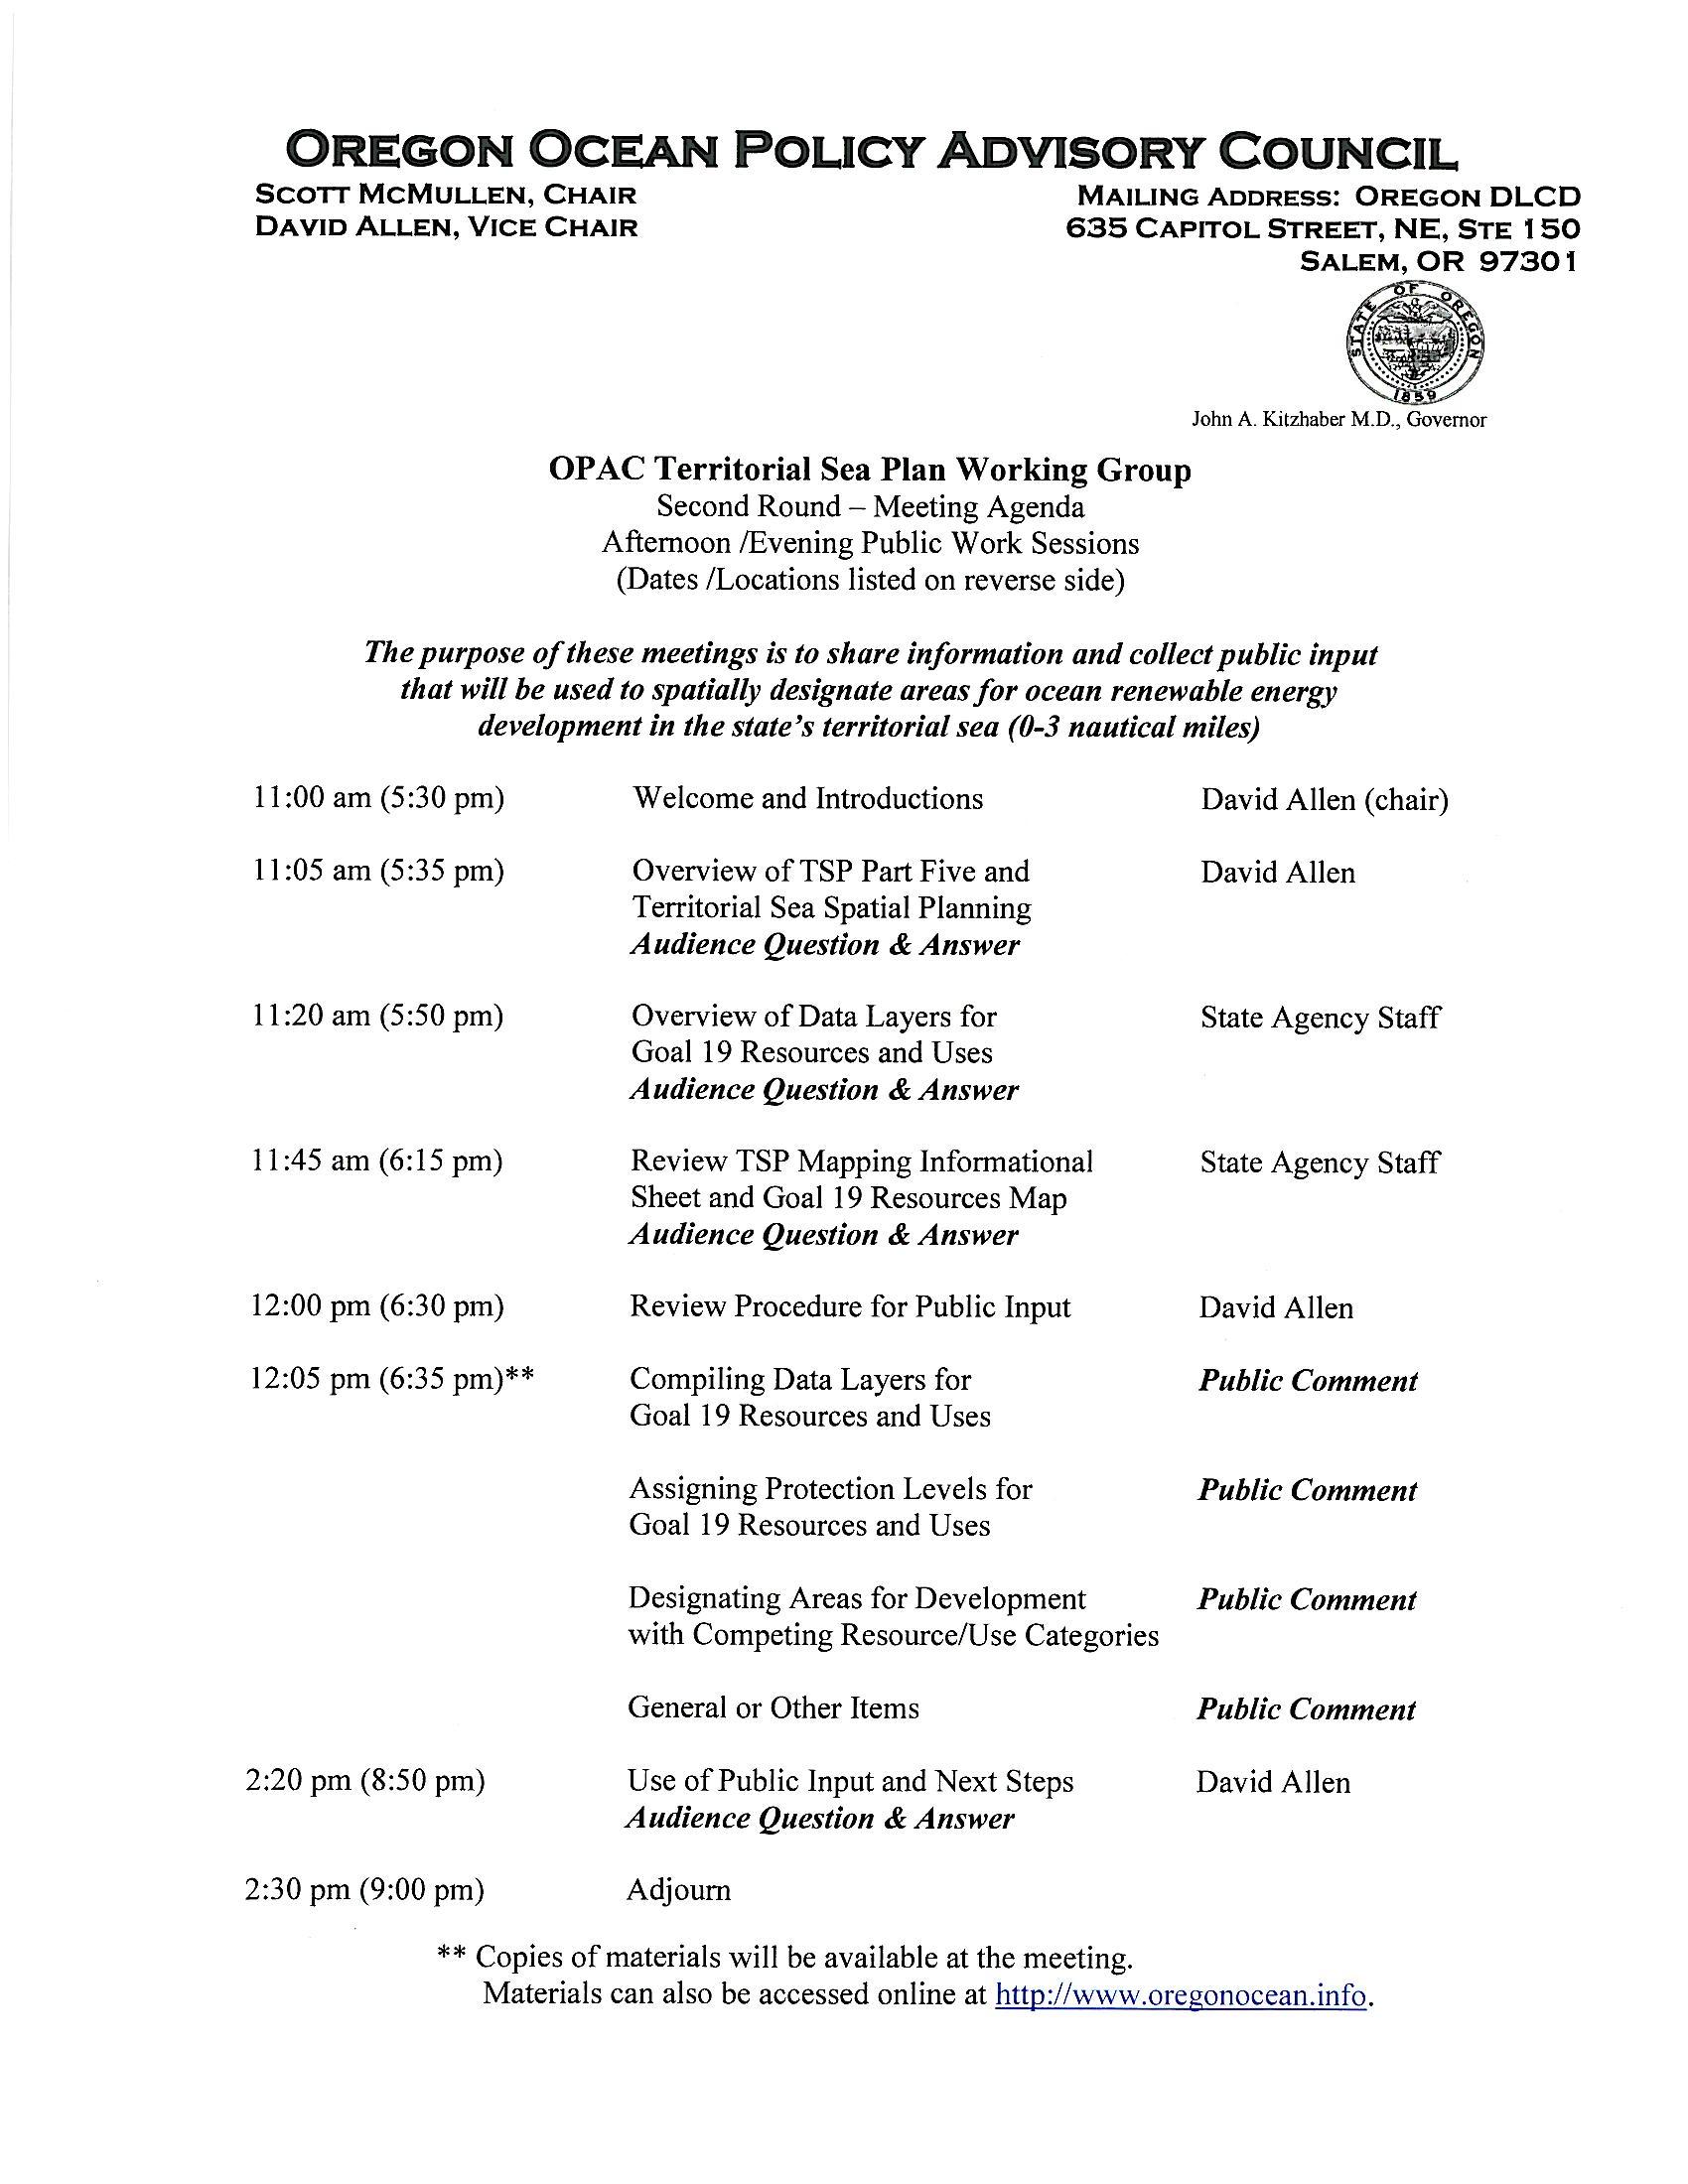 agenda for meetings